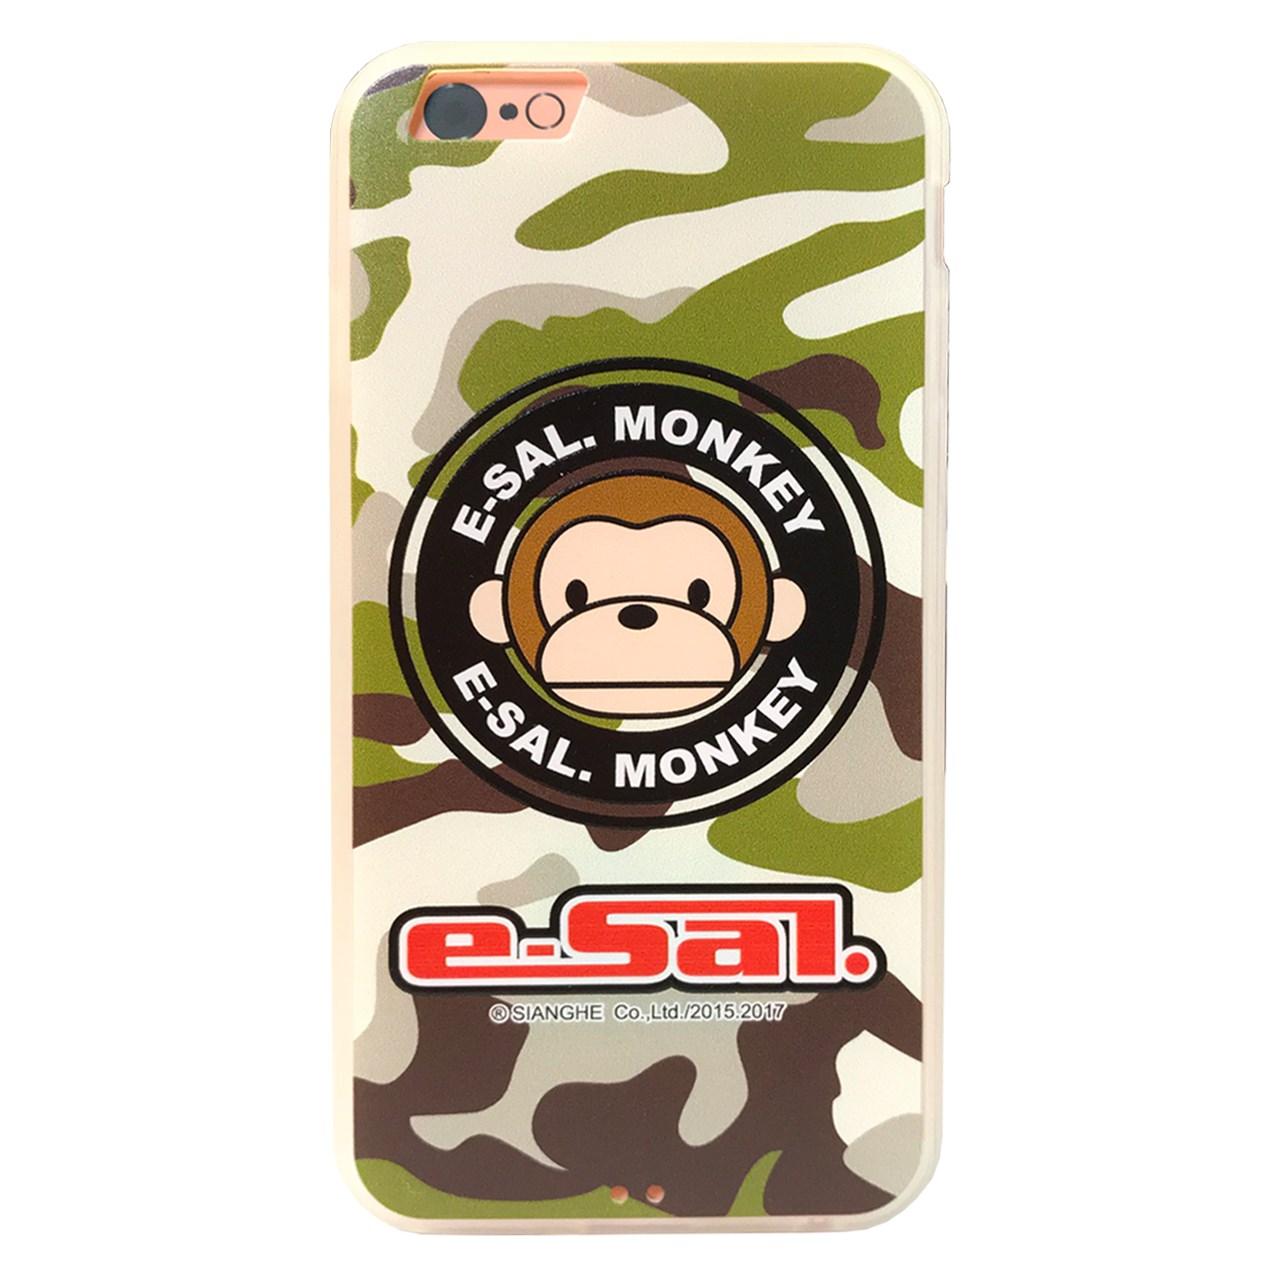 کاور مدل 9 Monkey  مناسب برای گوشی موبایل آیفون 6 /6s